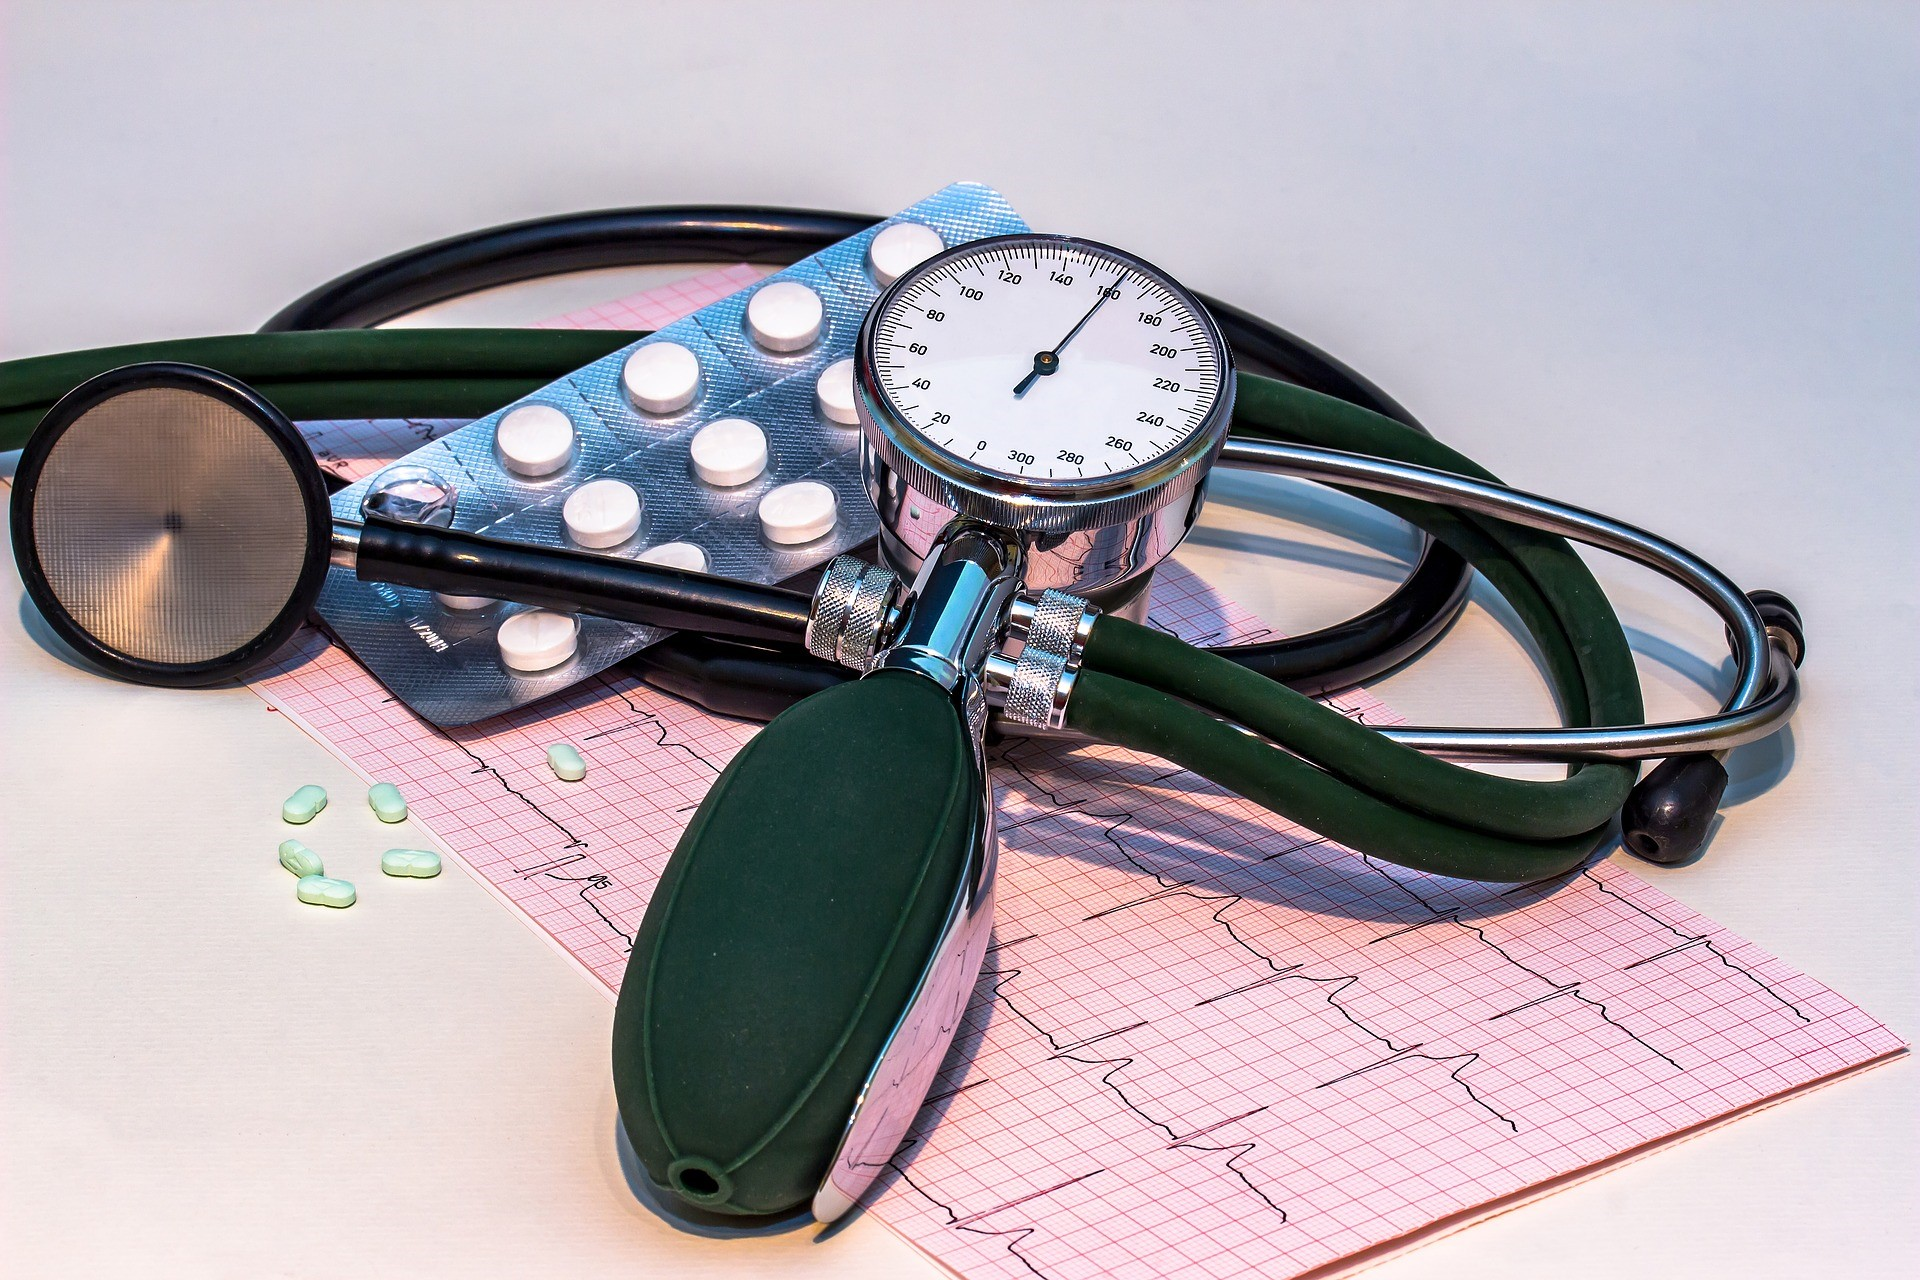 nuo ko priklauso hipertenzija